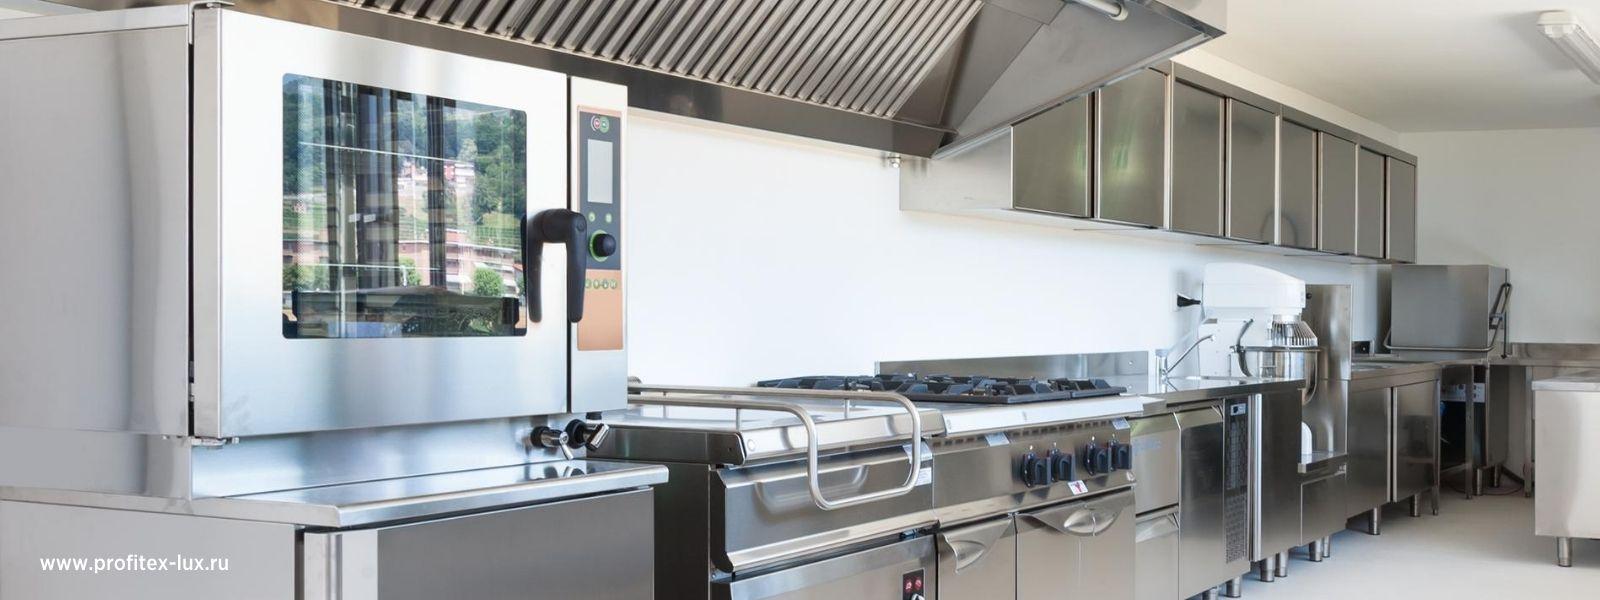 Профессиональная кухня в частном доме